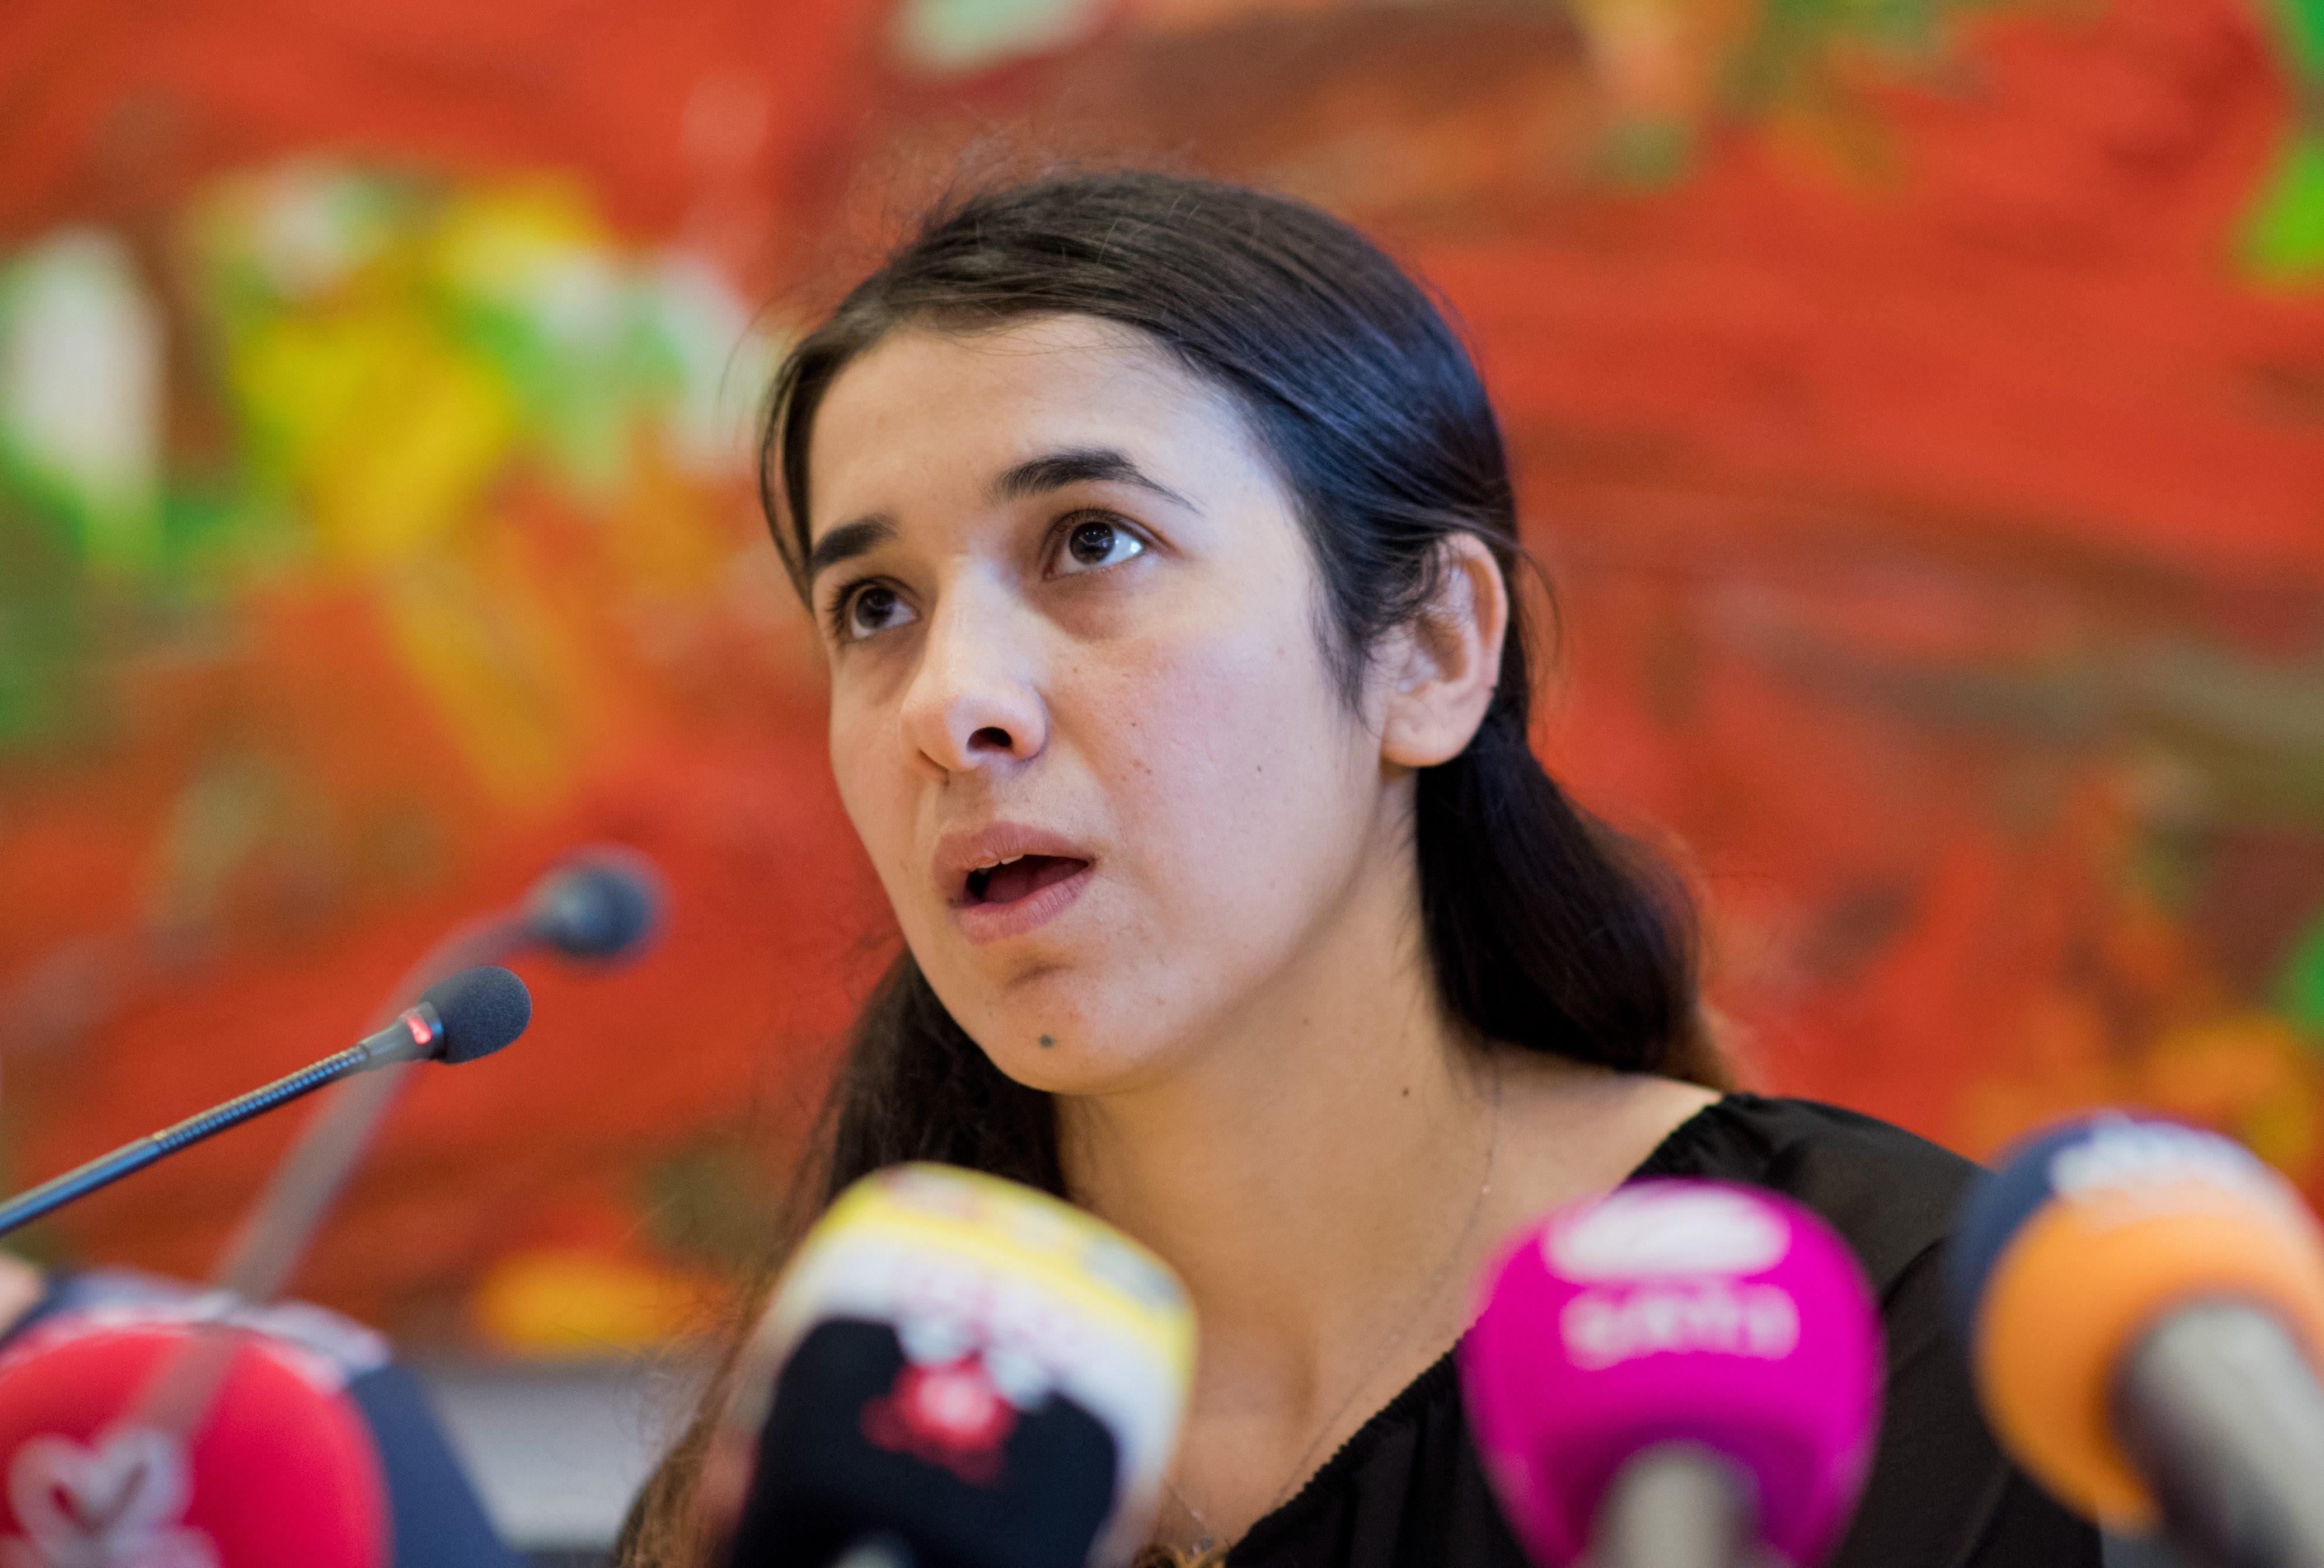 """Надя Мурад, успяла да избяга от робство в """"Ислямска държава"""", ще стане посланик на добра воля на ООН. Тя е представител на иракското малцинство на язидите. Тя ще е първият в историята посланик, успял да избяга от сексуалното робство на групировката. Девойката е била пленена от джихадистите през 2014 г. - когато бойците на ИД обявиха т.нар. халифат - в родното й село Кочо, близо до Синджар, северен Ирак, и отведена в контролирания от ИД град Мосул."""